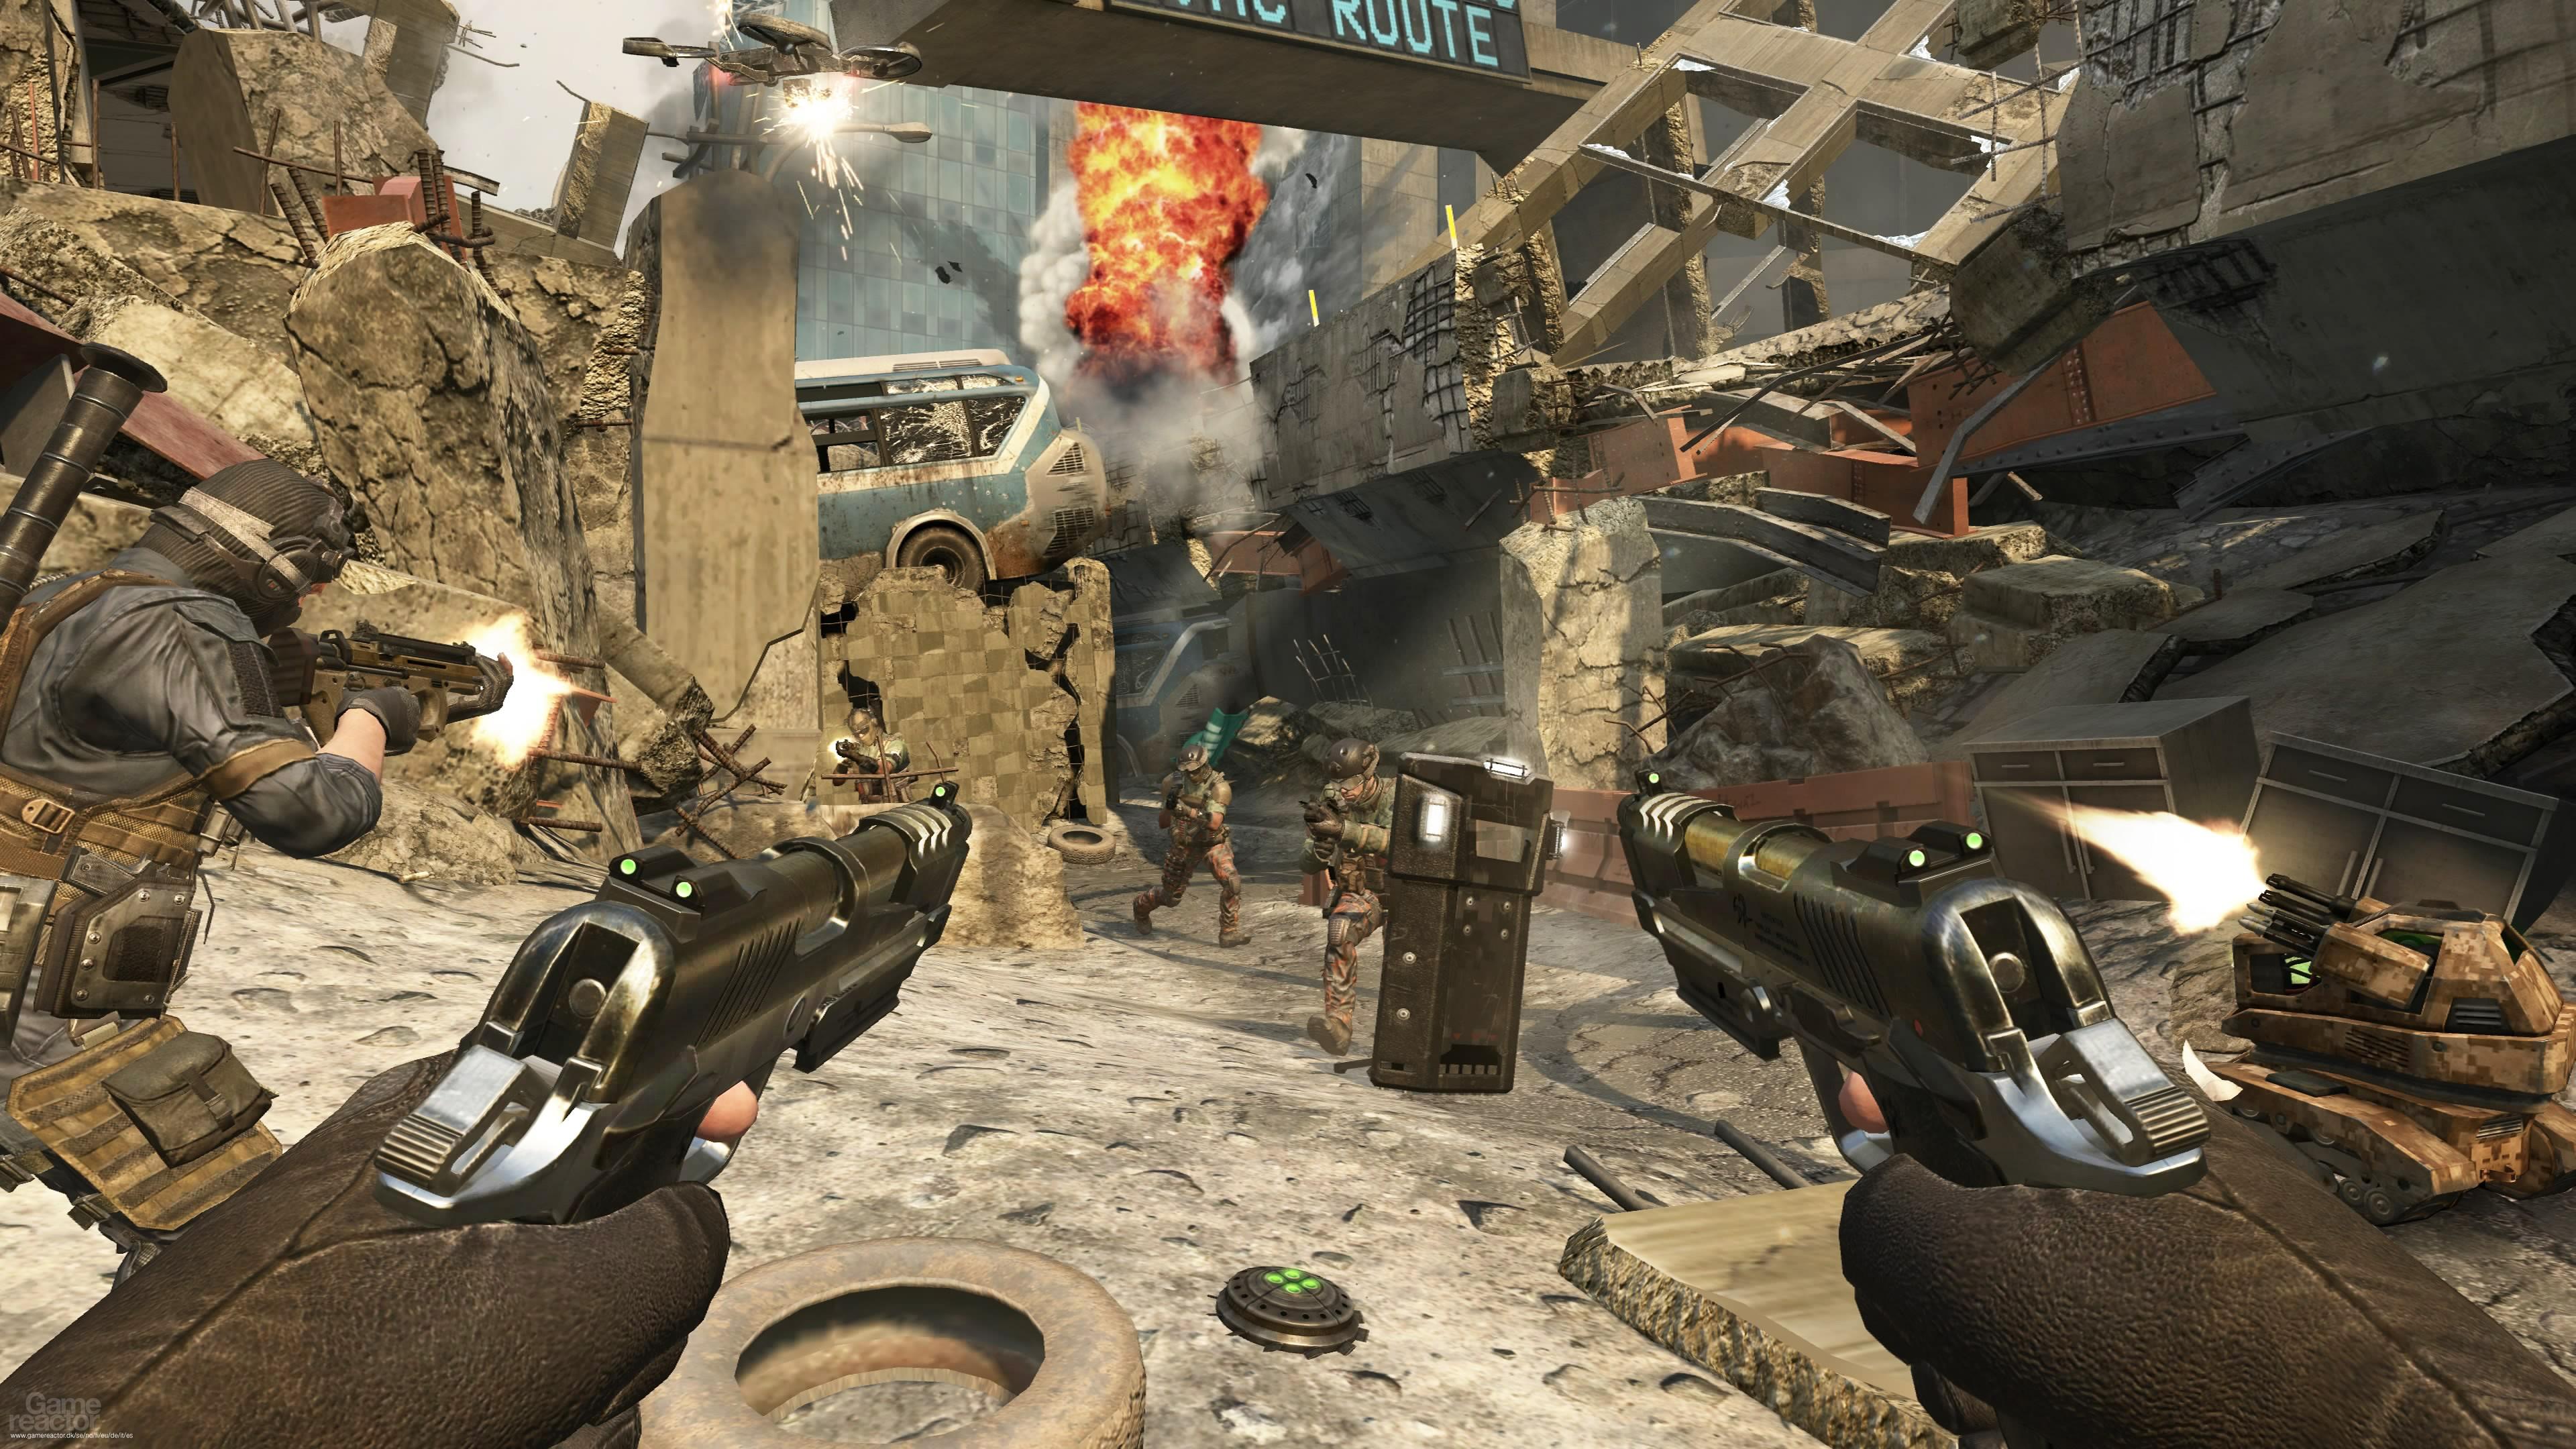 Imágenes de Call of Duty: Black Ops 2 - especial multijugador 7/8